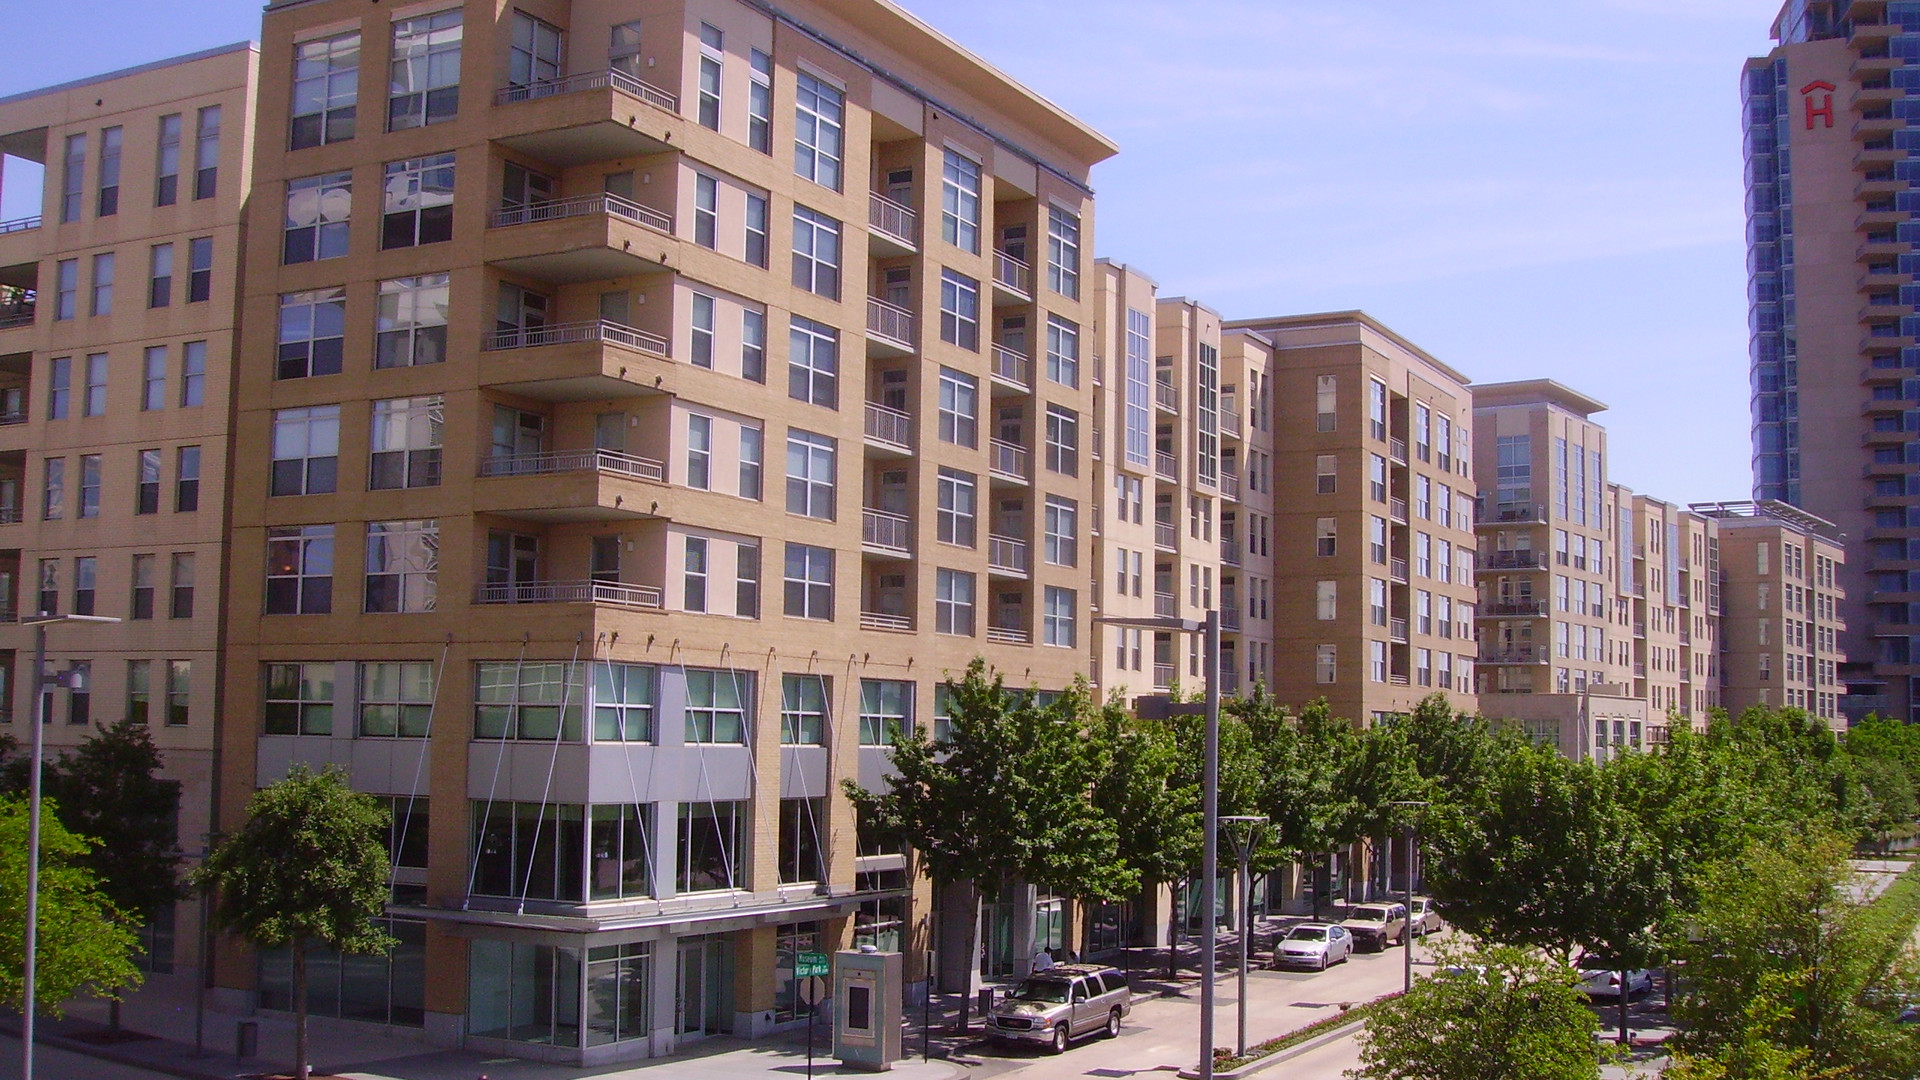 Vista Apts, Terraces Condos & Retail, Victory Park